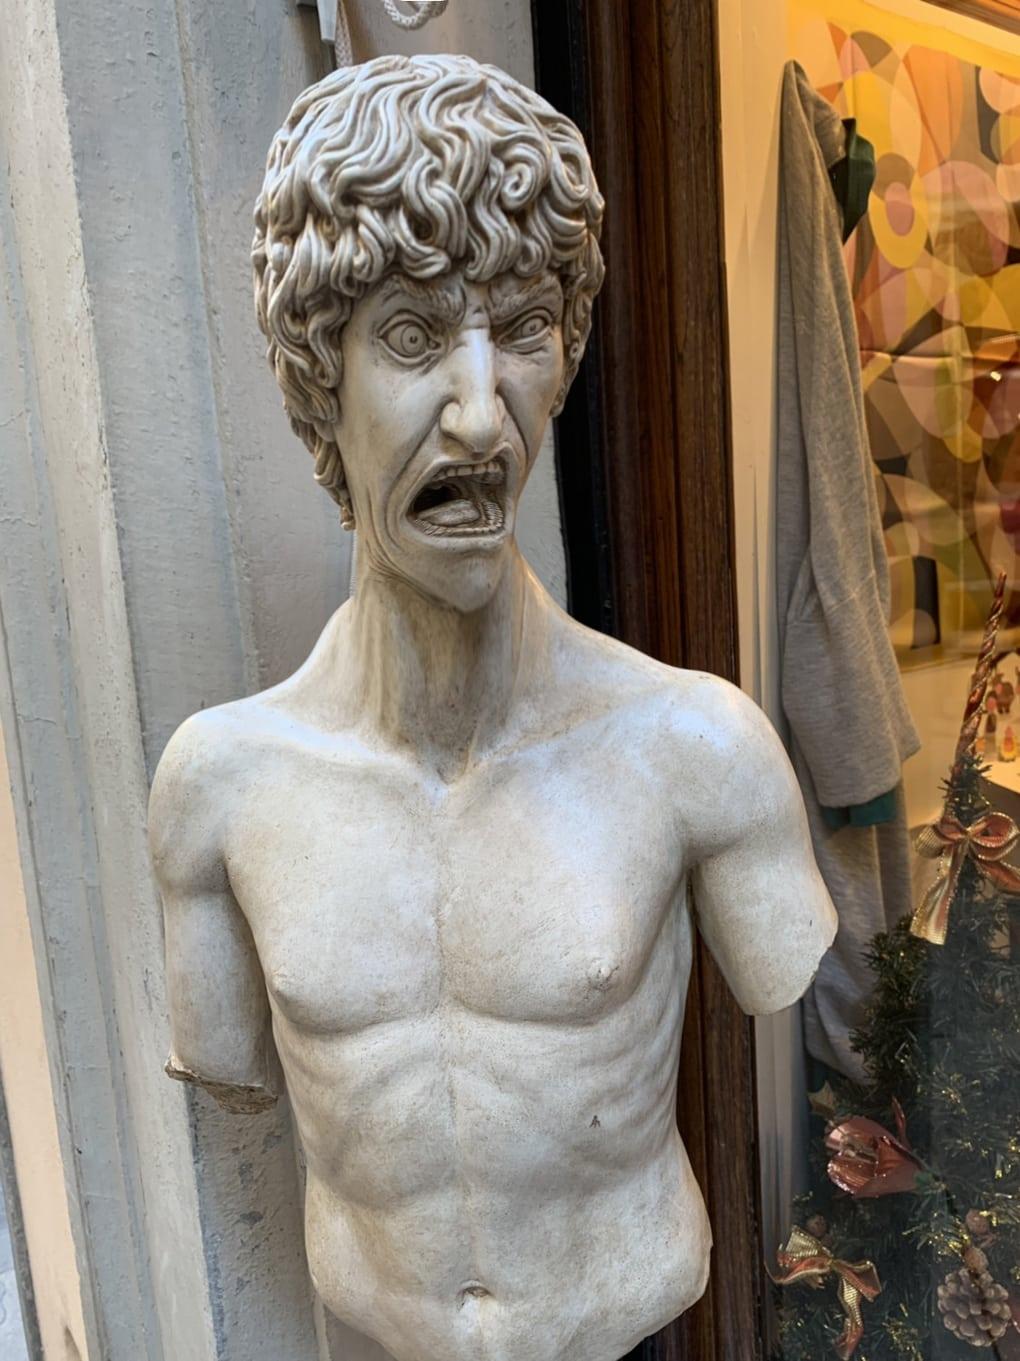 В сети появилось фото орущей статуи из Италии, которая докричалась до всех фотошопщиков интернета 10